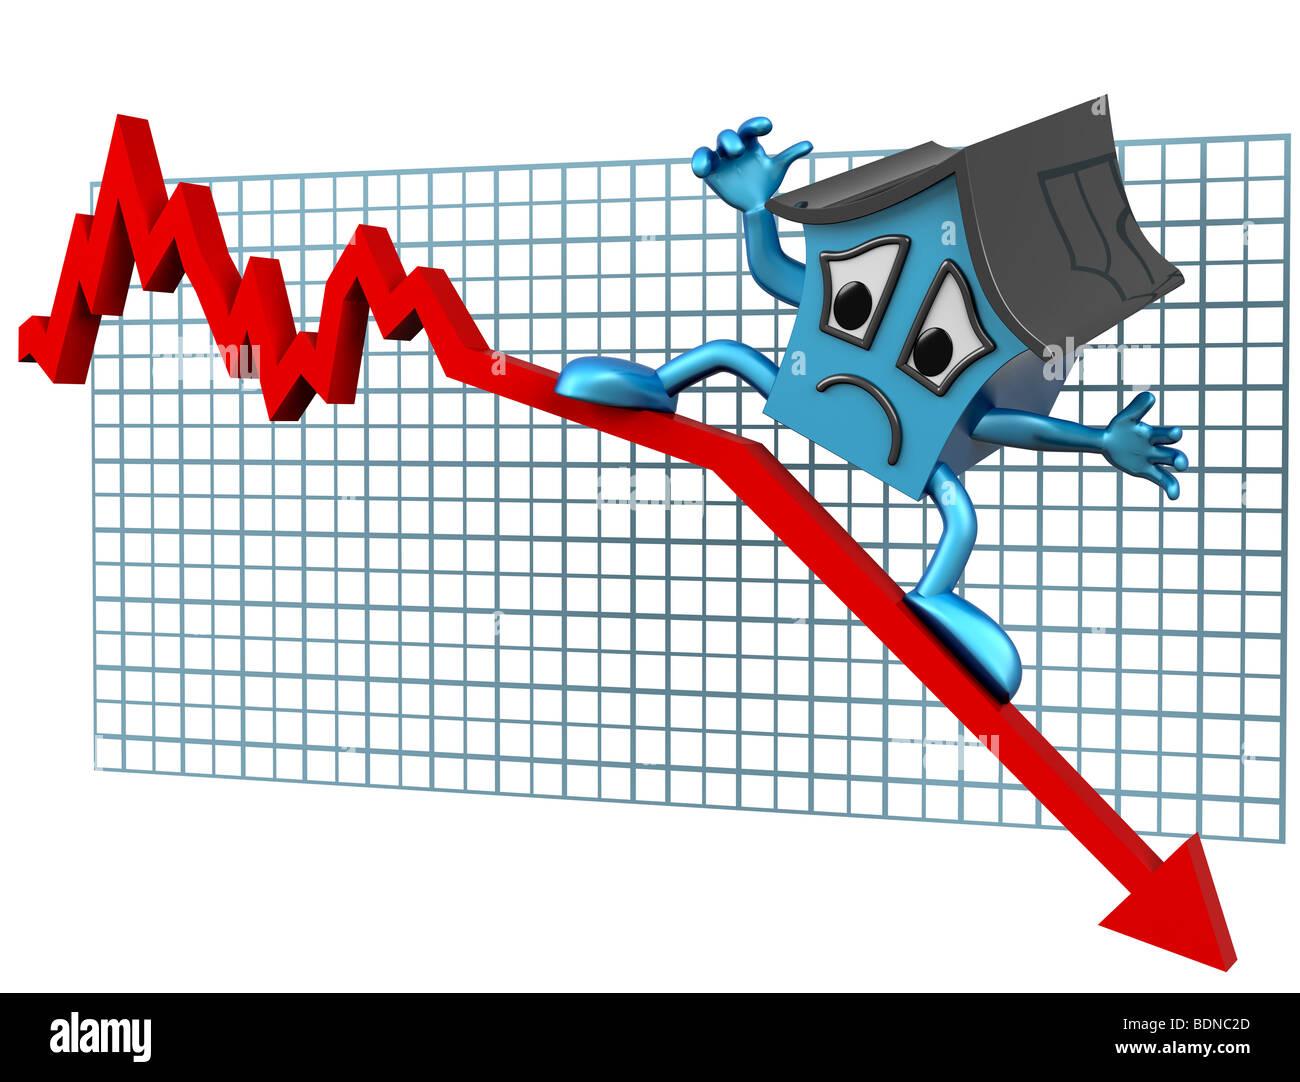 Ilustración de una casa aislada navegando hacia abajo sobre un gráfico decreciente Imagen De Stock